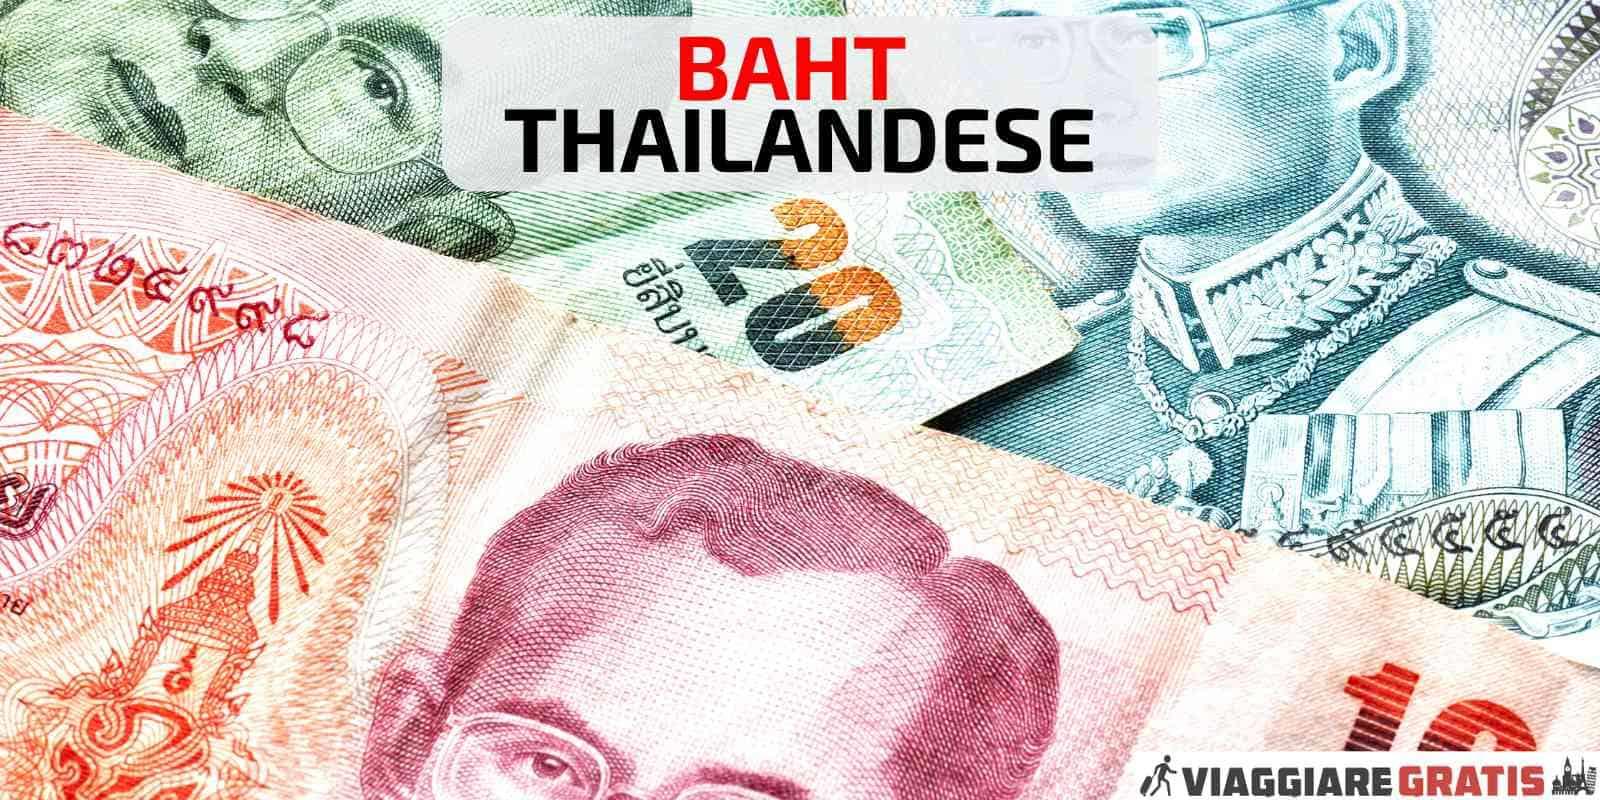 Cambio Euro Baht thailandese